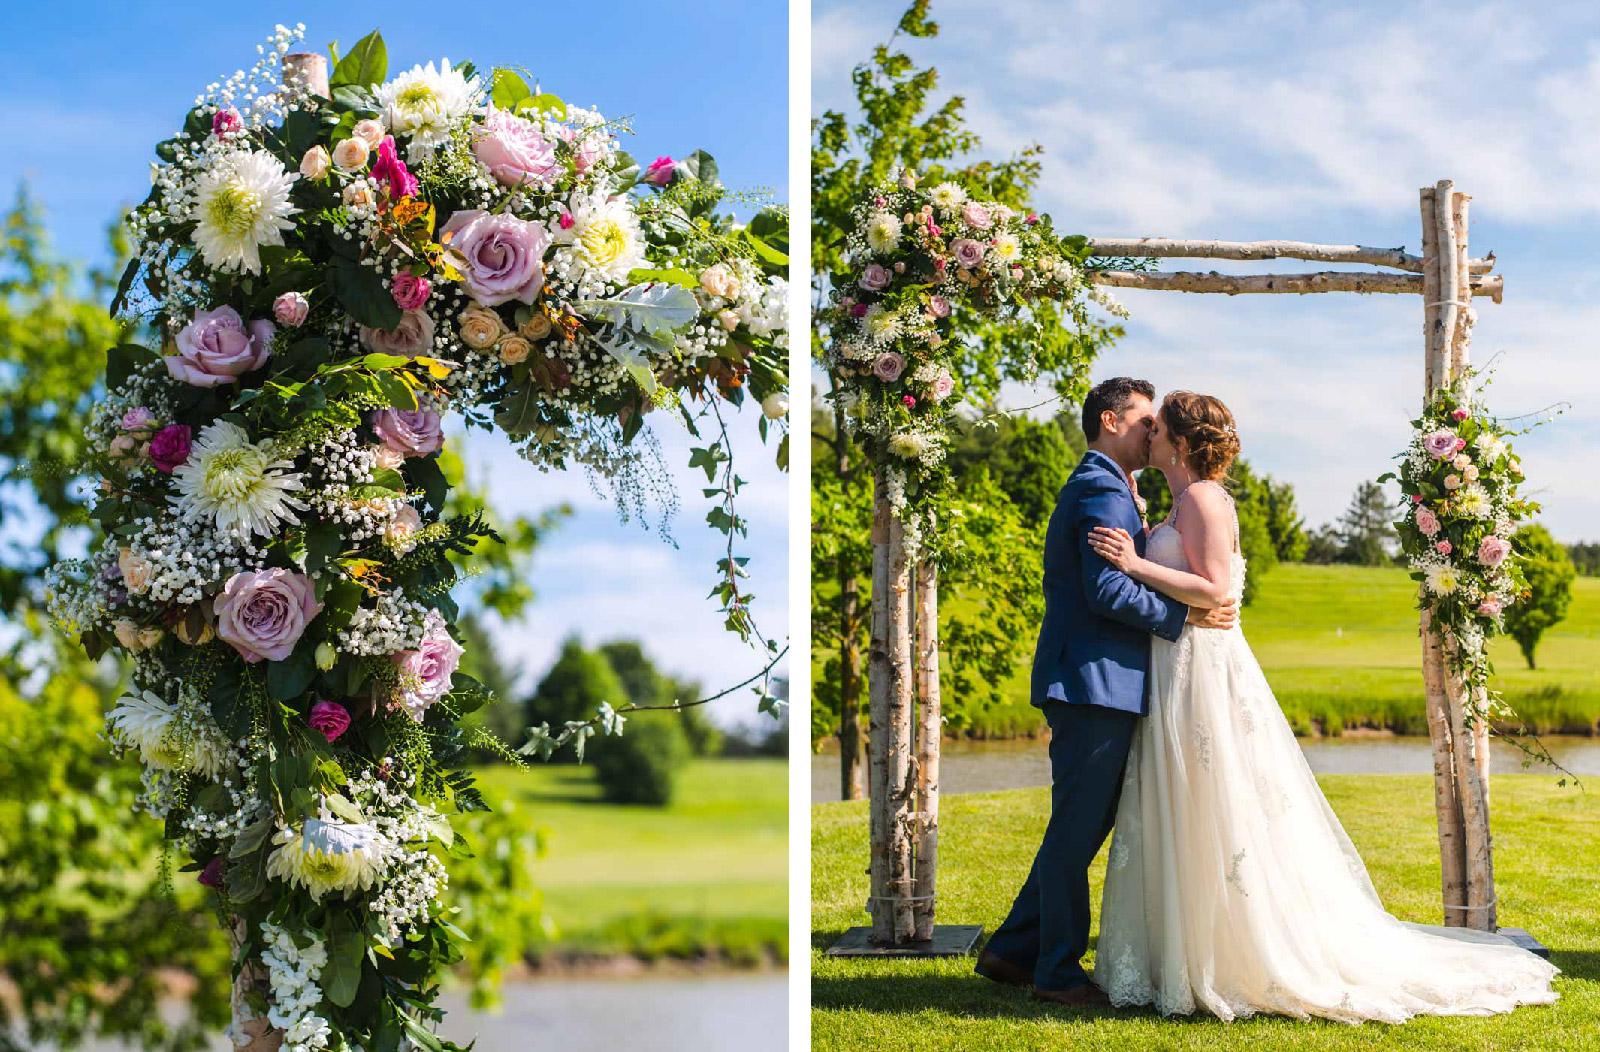 Carlos & Jaime First Kiss Knollwood Golf Club Hush Hush Photography & Film Aidan Hennebry Hamilton Wedding Photographer Videographer-01.jpg